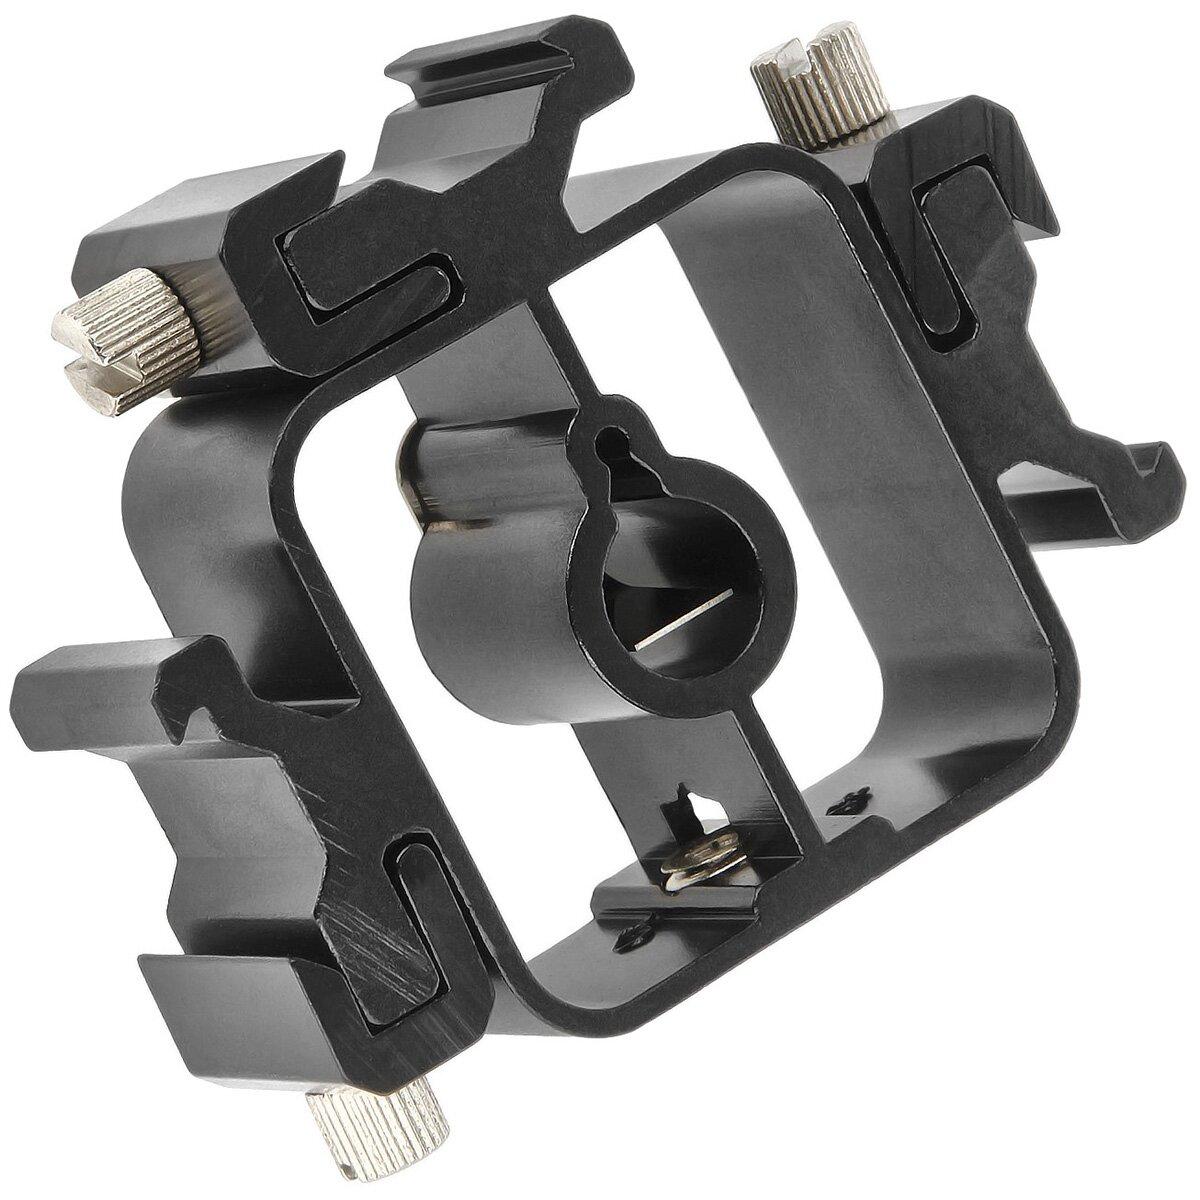 Minadax Qualitativ hochwertiger universeller Stativadapter | Blitzlicht Halterung Hot Shoe aus METALL für bis zu 3 Blitzgeräte